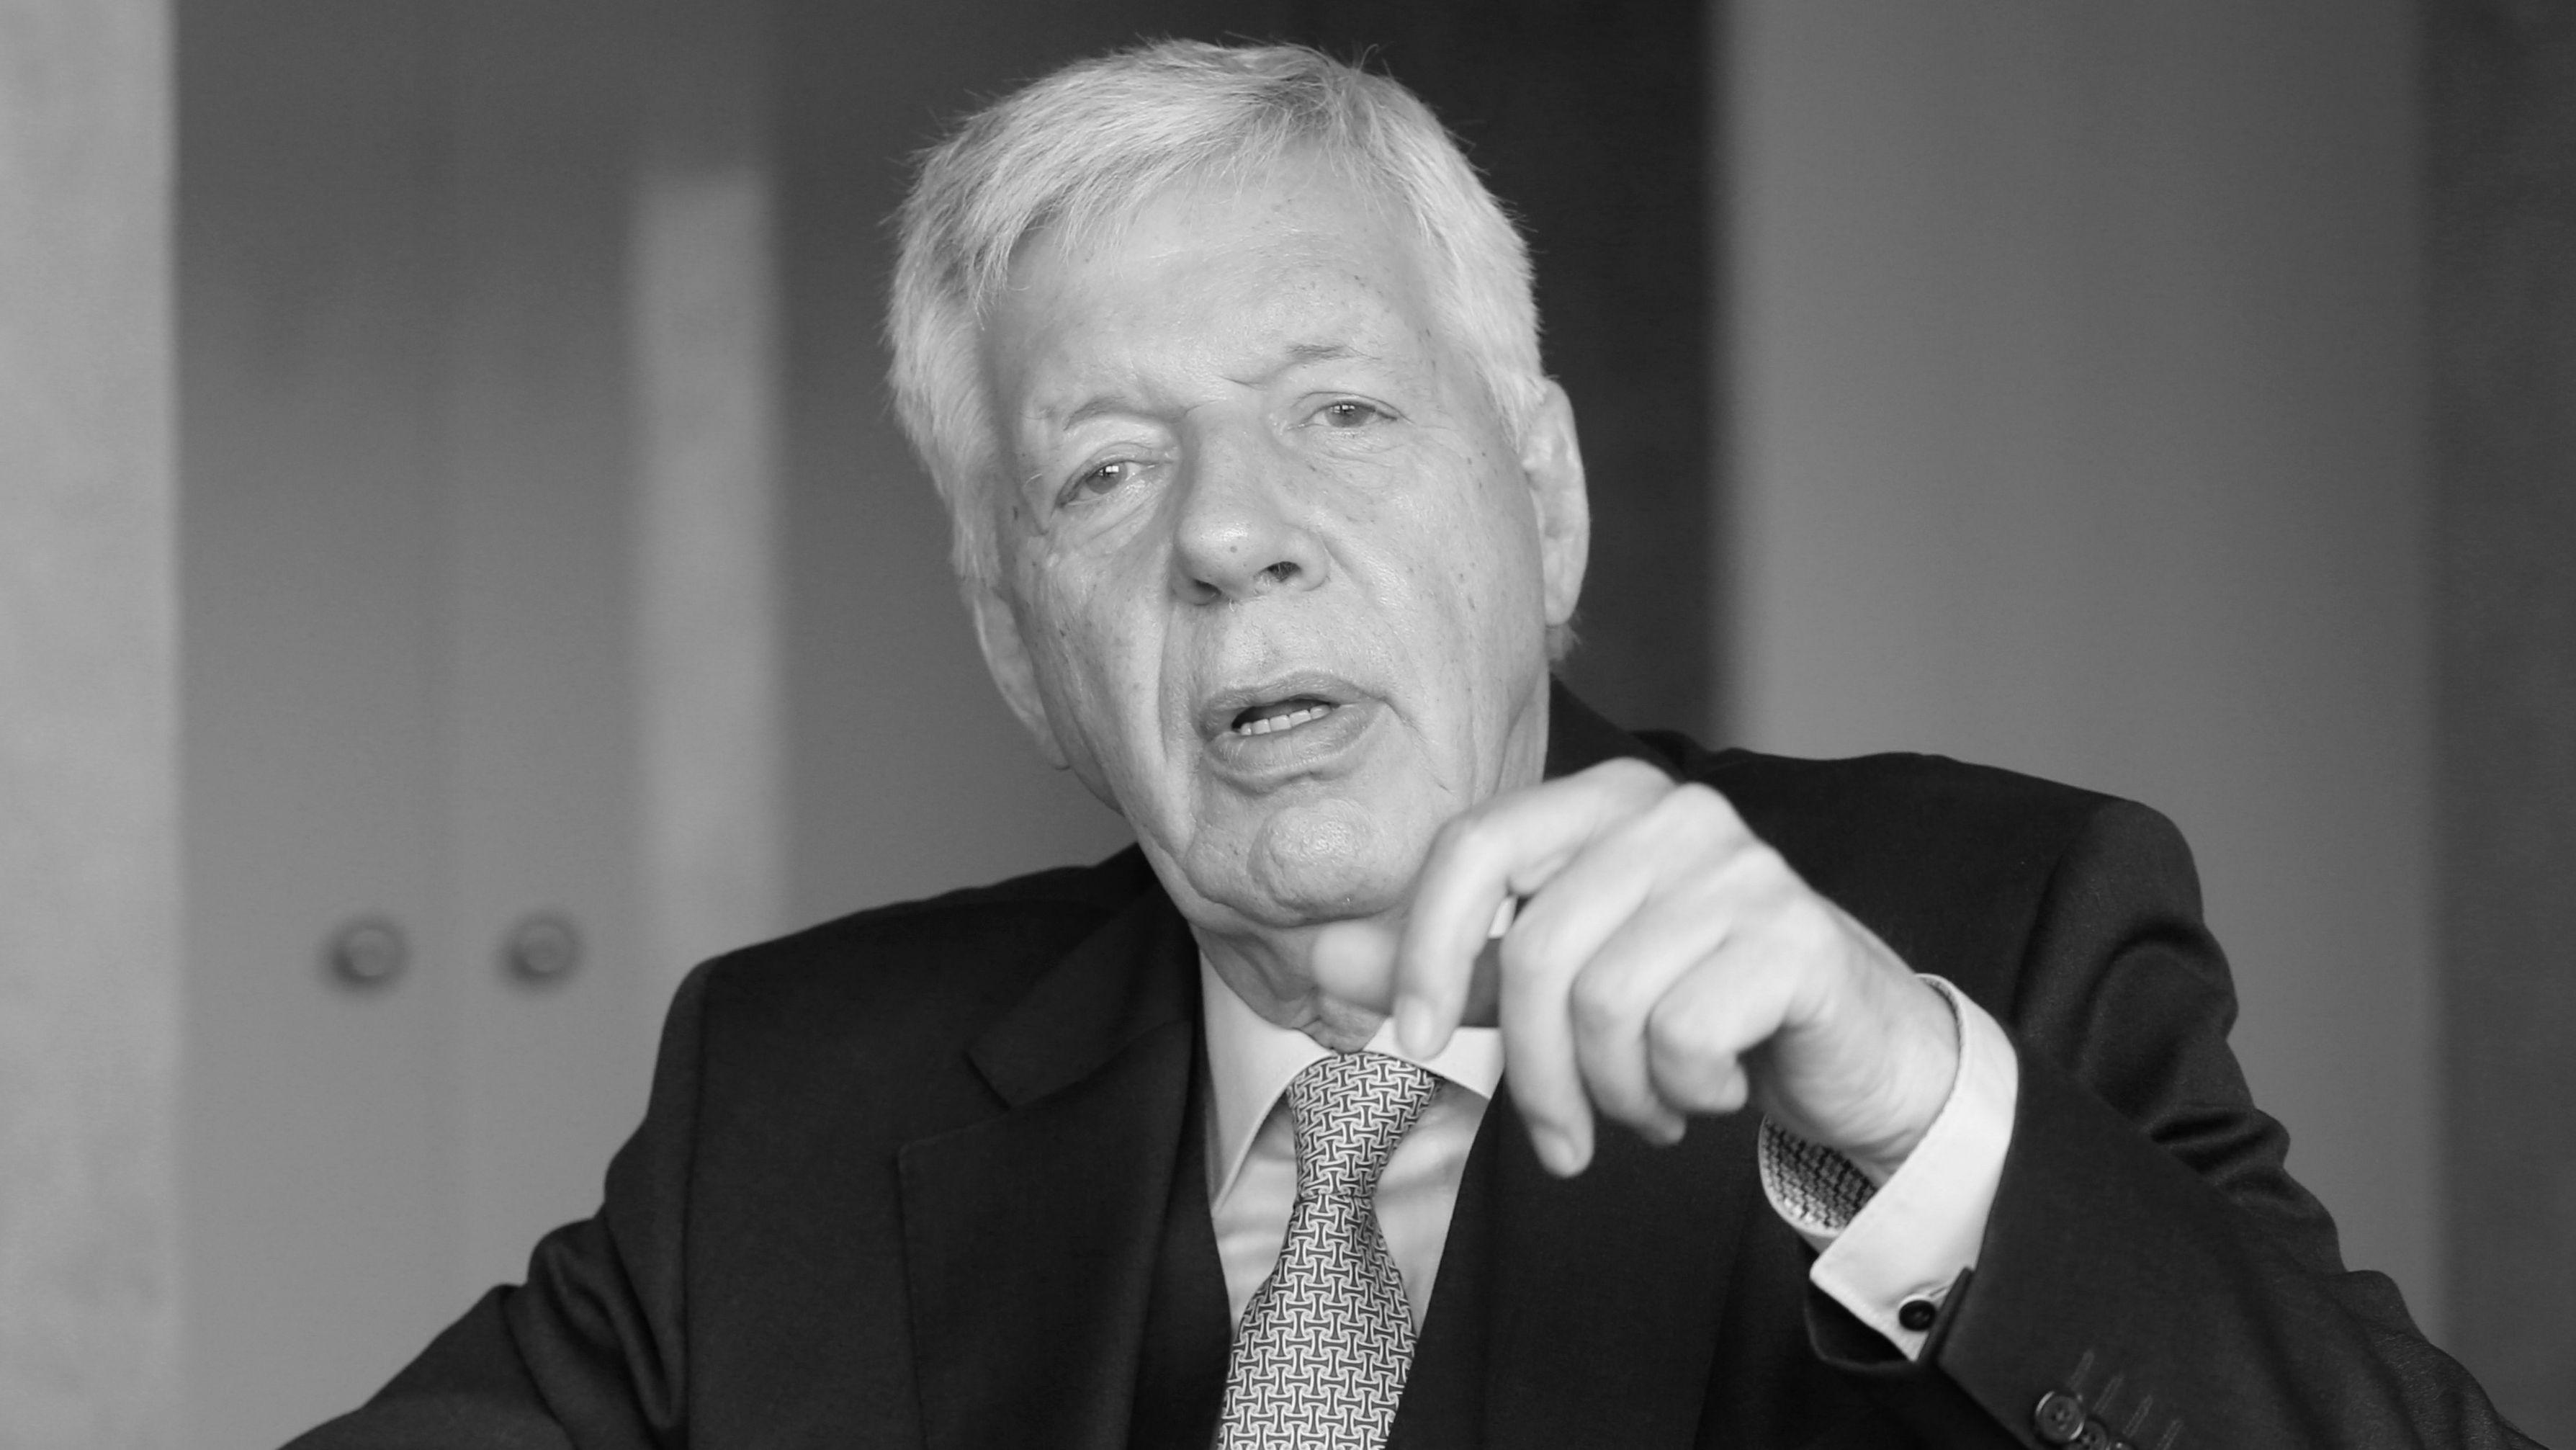 Werner Müller, Vorstandsvorsitzender der RAG-Stiftung und früherer Bundeswirtschaftsminister